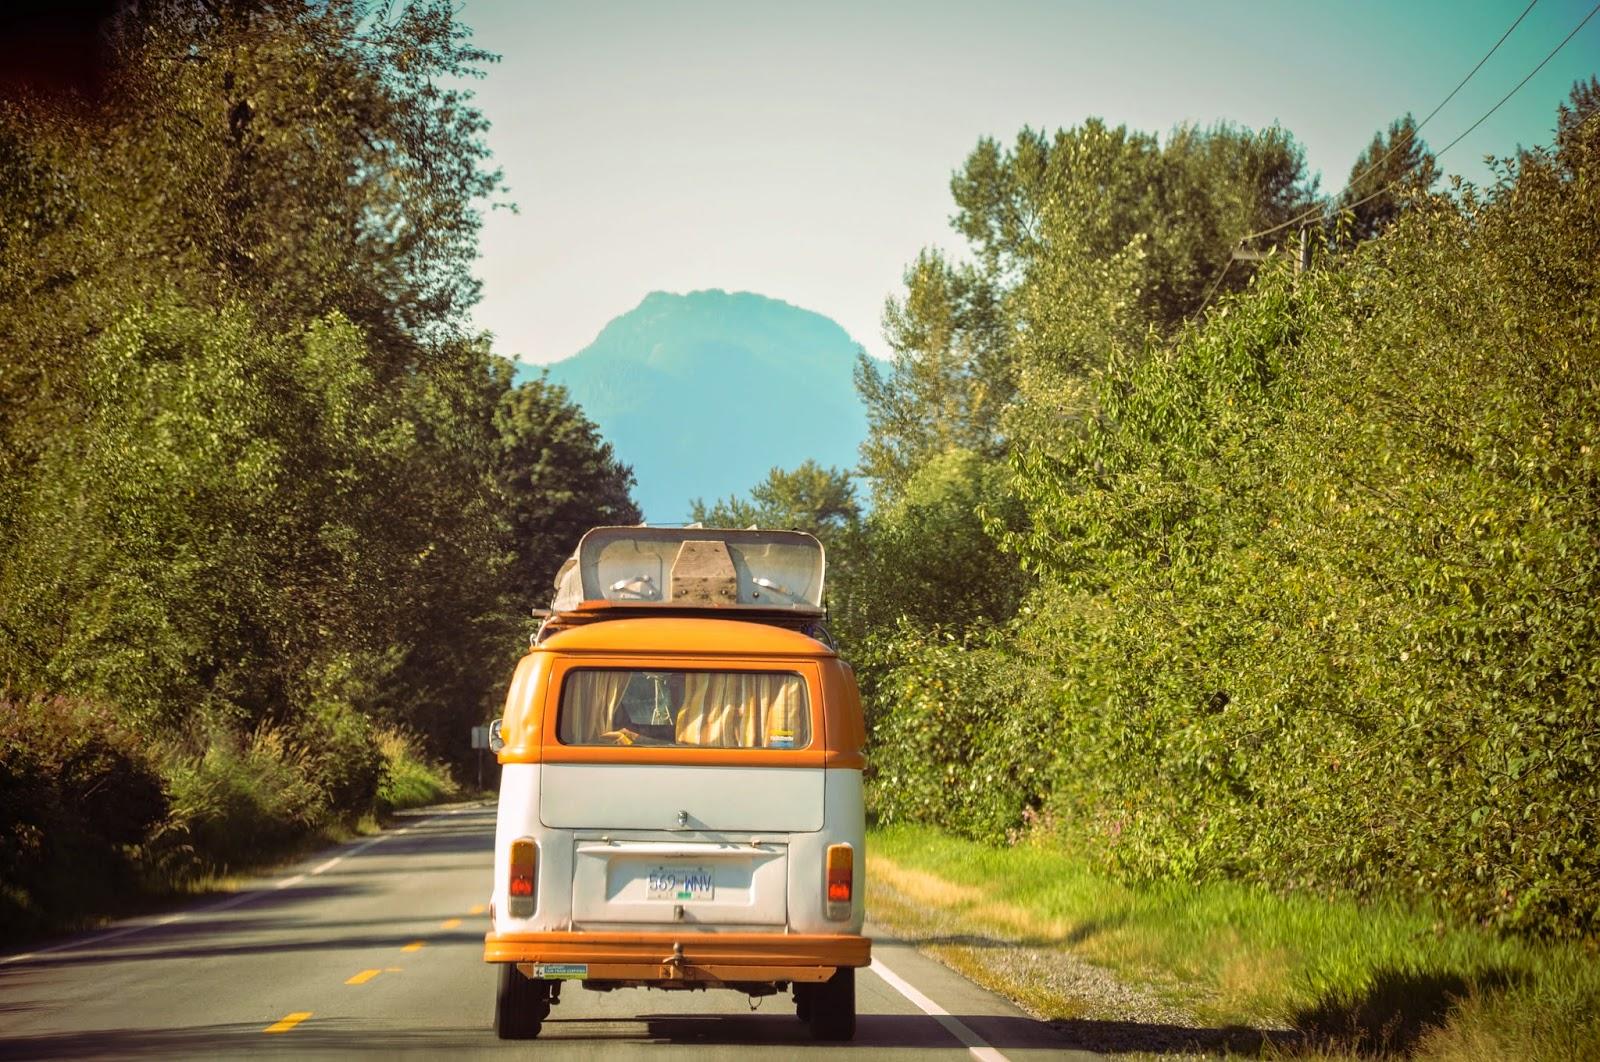 Van on the road \ Фургон на дороге